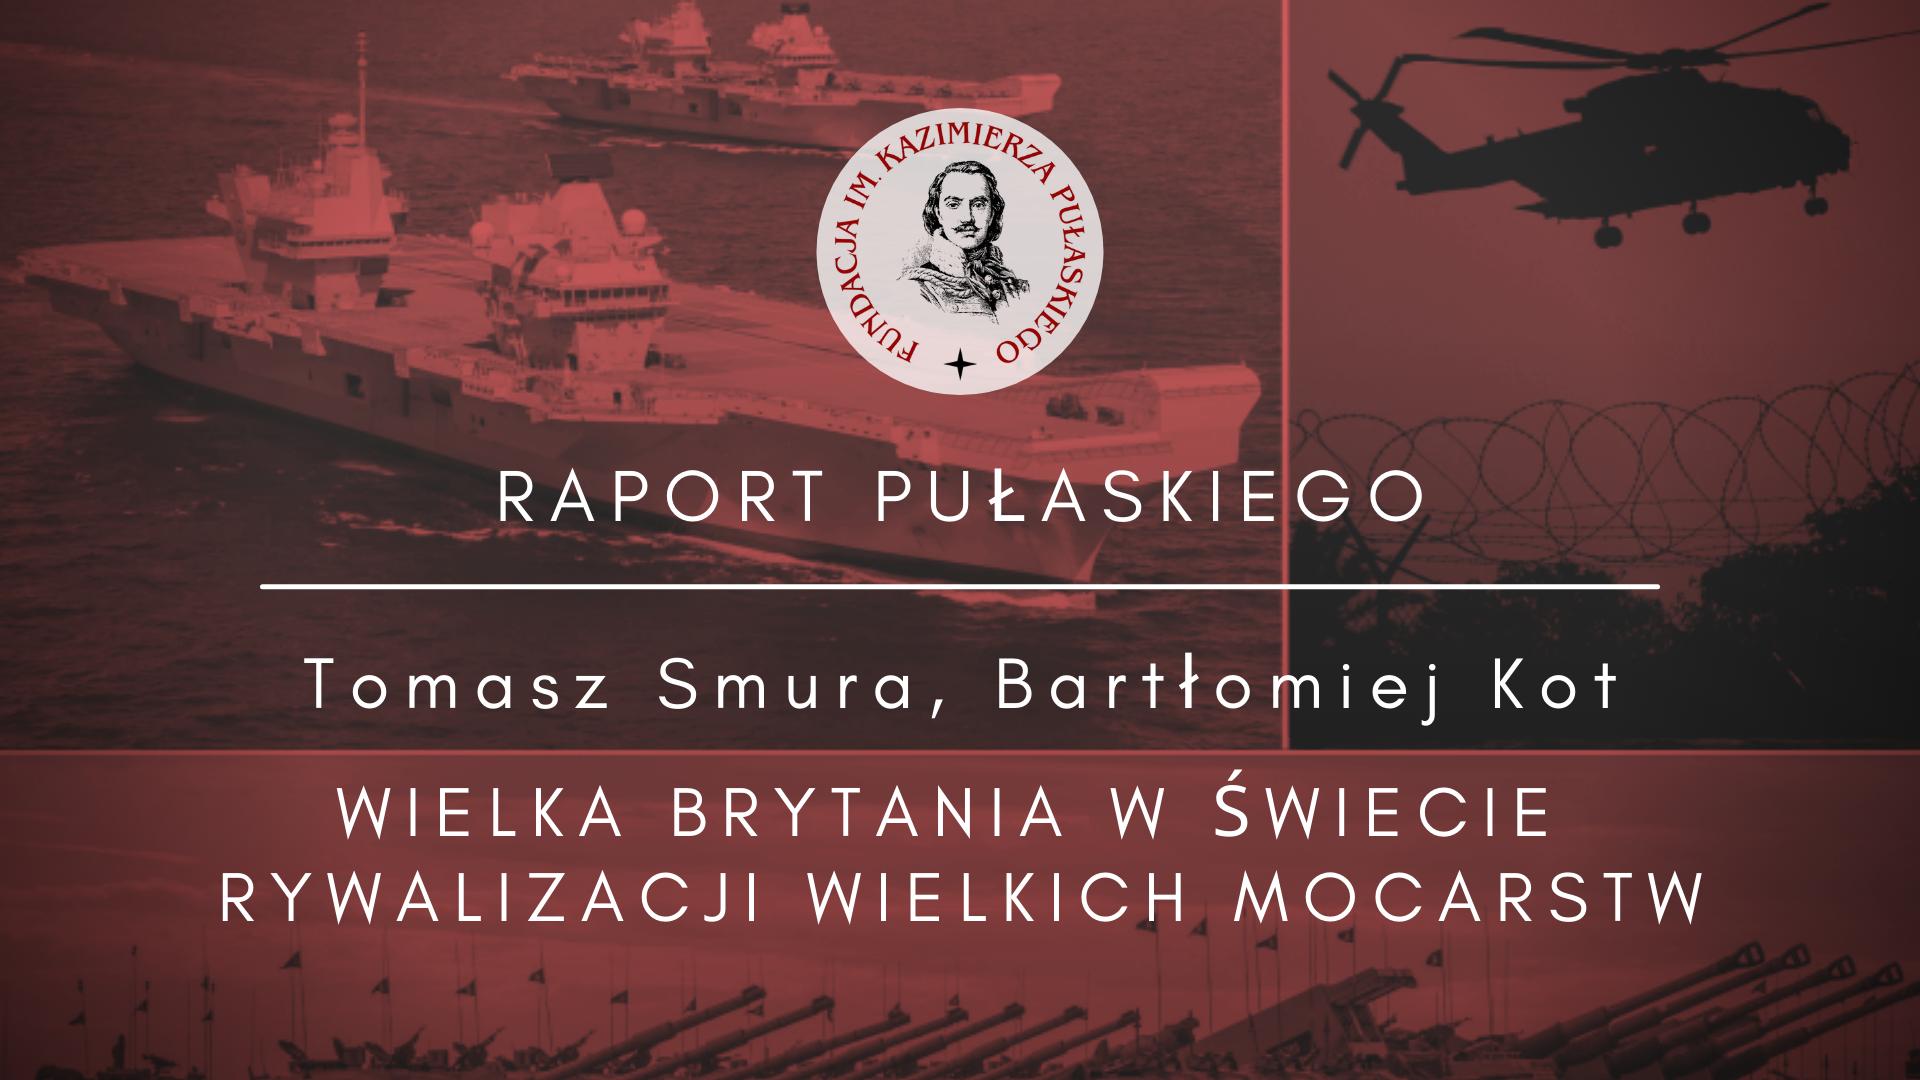 RAPORT PUŁASKIEGO: Wielka Brytania wświecie rywalizacji wielkich mocarstw – zintegrowany przegląd bezpieczeństwa ijego znaczenie dla Polski orazEuropy Środkowo-Wschodniej